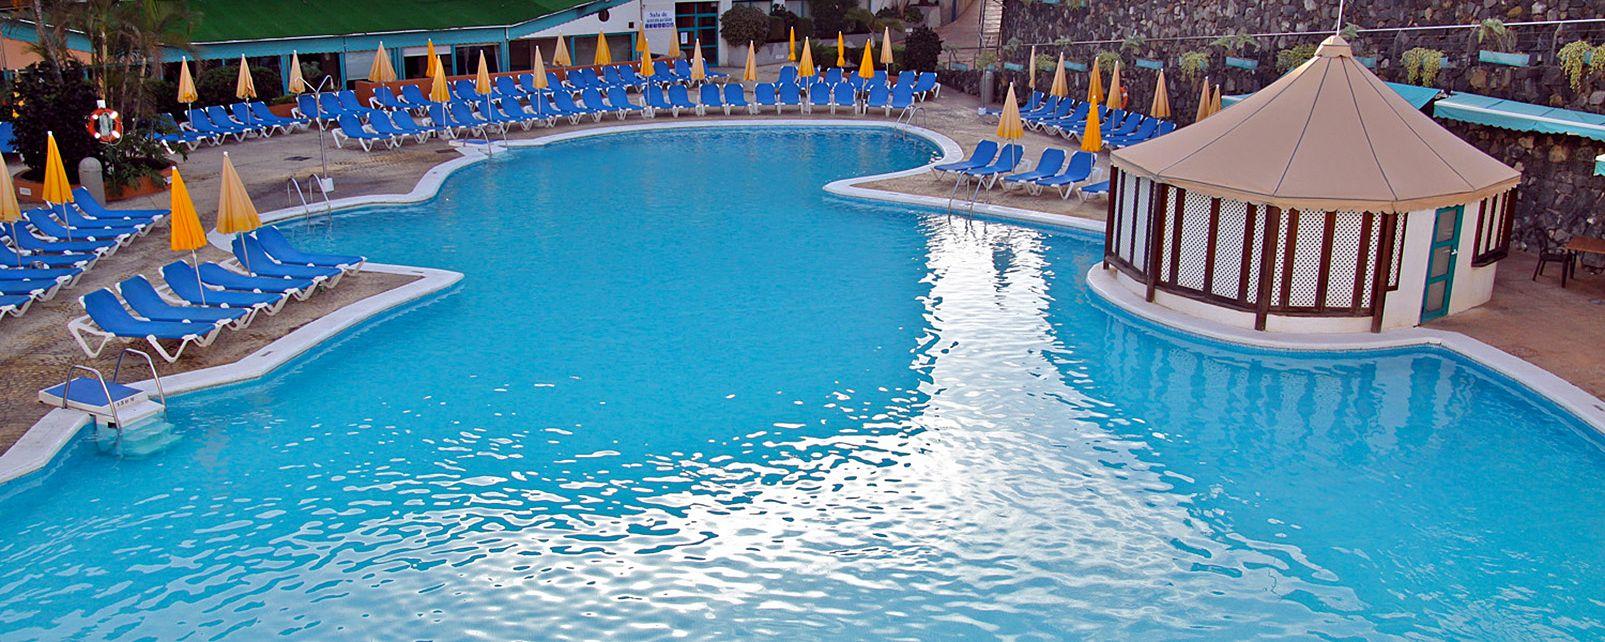 Hotel gran turquesa playa in puerto de la cruz - Turquesa playa puerto de la cruz ...